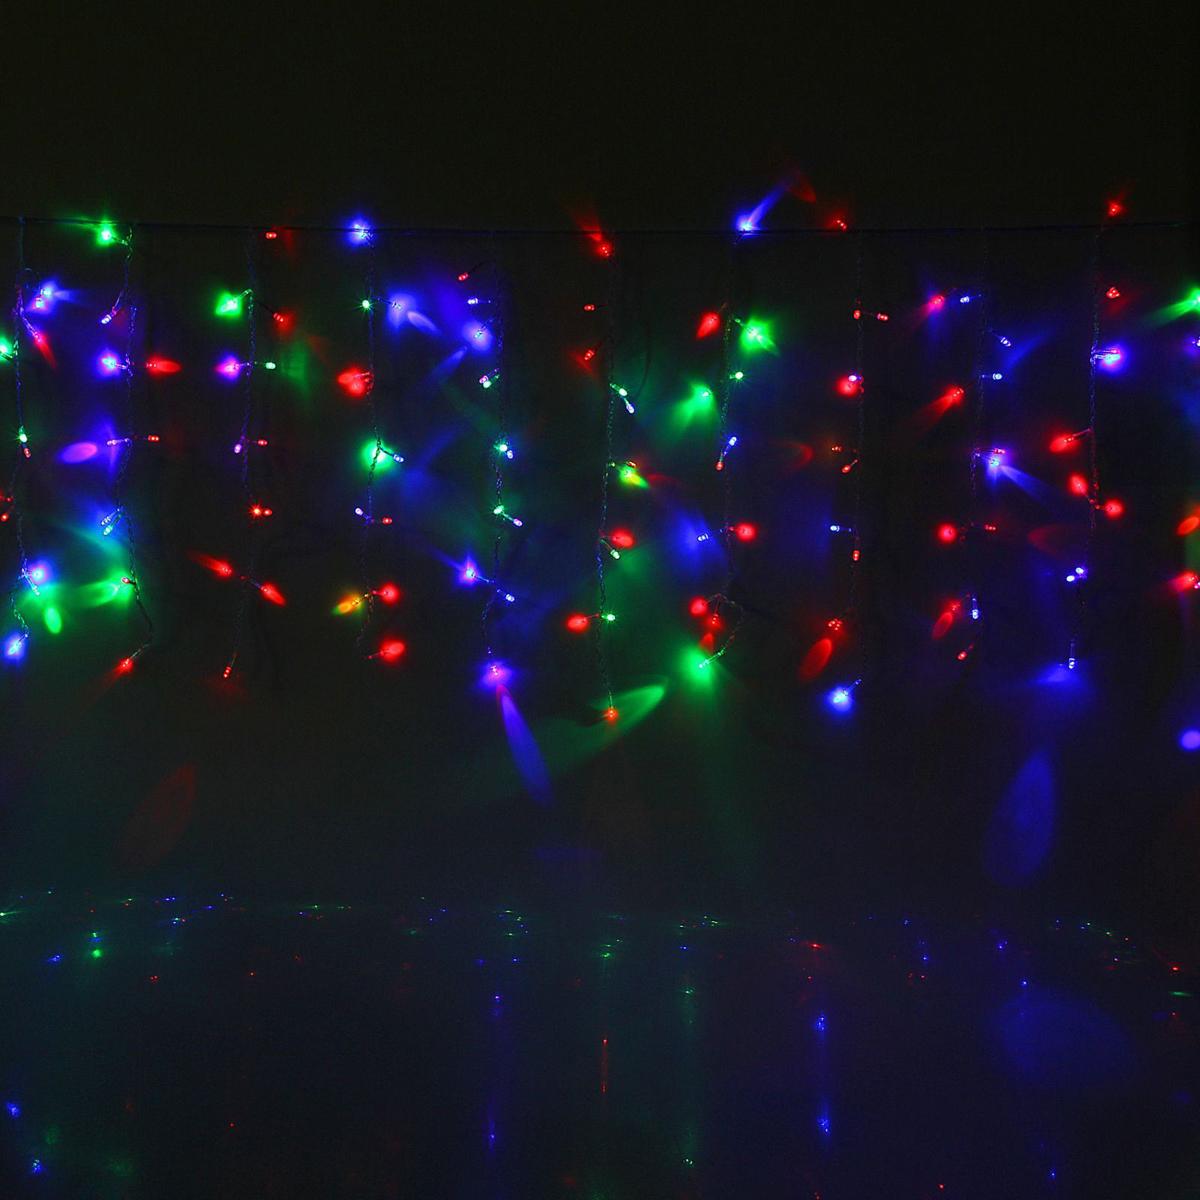 Гирлянда светодиодная Luazon Занавес, цвет: мультиколор, 180 ламп, 220 V, 1,5 х 1 м. 10804591080459Светодиодные гирлянды и ленты — это отличный вариант для новогоднего оформления интерьера или фасада. С их помощью помещение любого размера можно превратить в праздничный зал, а внешние элементы зданий, украшенные ими, мгновенно станут напоминать очертания сказочного дворца. Такие украшения создают ауру предвкушения чуда. Деревья, фасады, витрины, окна и арки будто специально созданы, чтобы вы украсили их светящимися нитями.